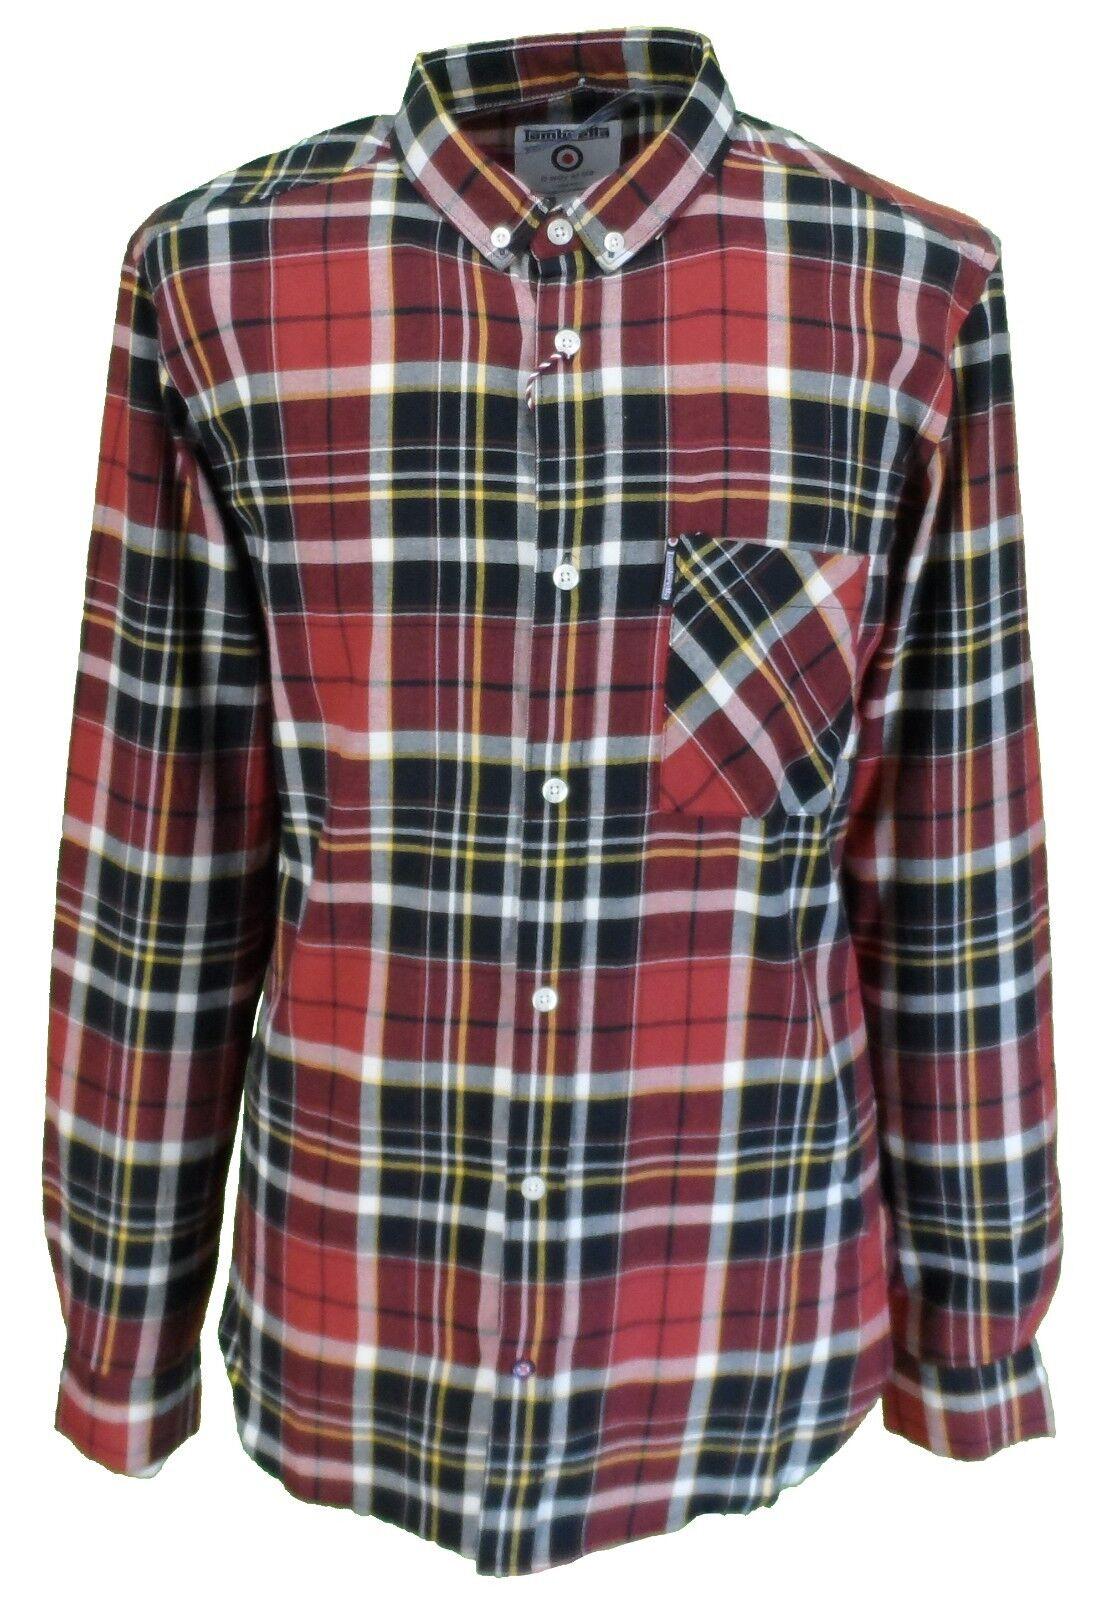 LAMBRETTA Retro Button Down Rosso Nero Bianco Check camicia a maniche lunghe